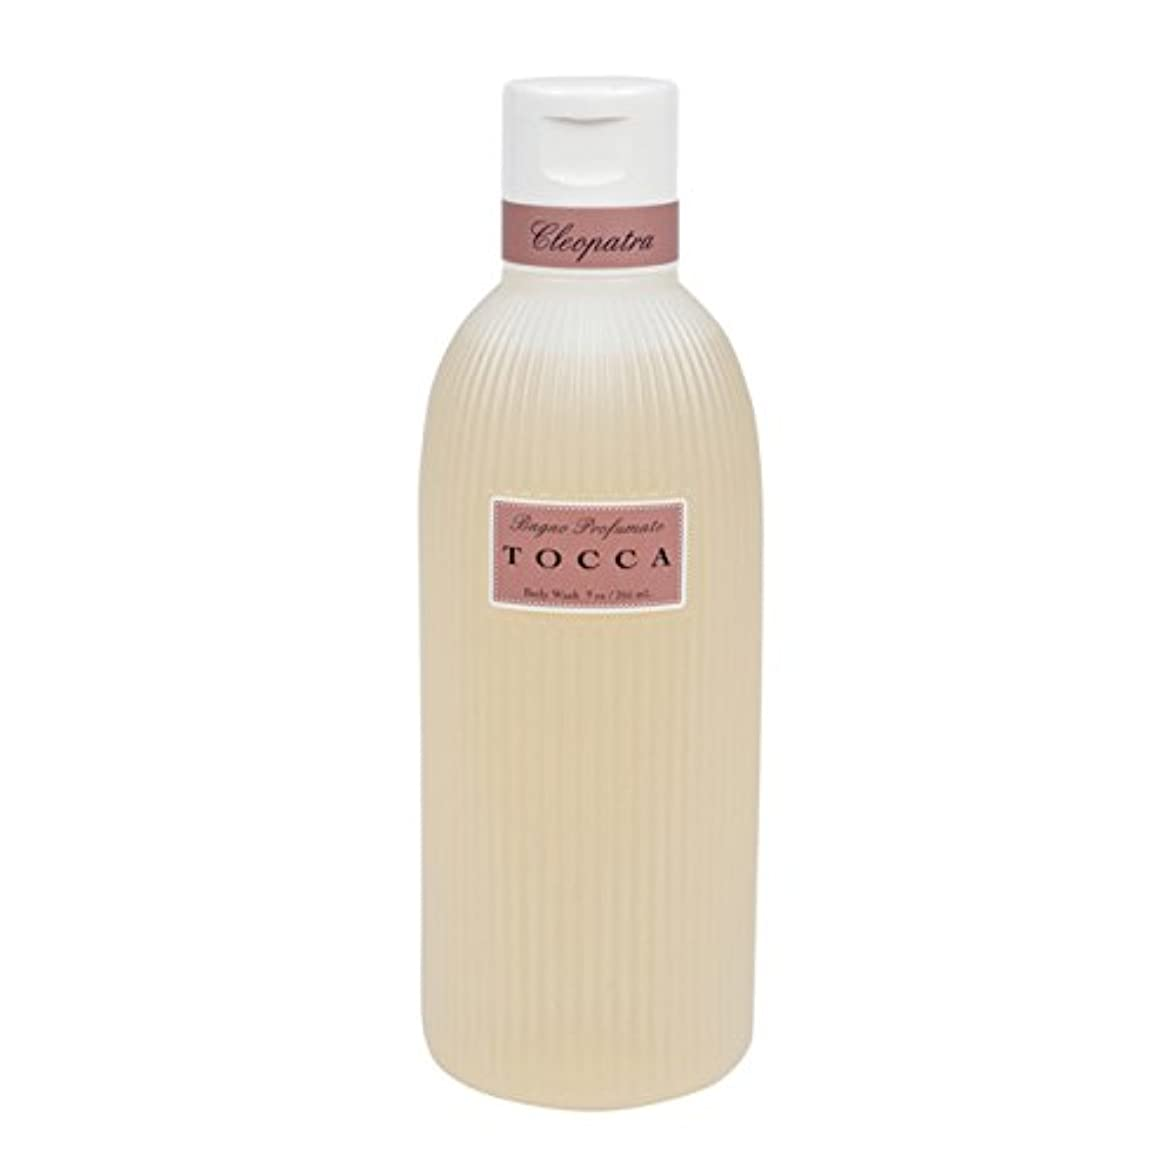 本物地雷原数学トッカ(TOCCA) ボディーケアウォッシュ クレオパトラの香り 266ml(全身用洗浄料 ボディーソープ グレープフルーツとキューカンバーのフレッシュでクリーンな香り)